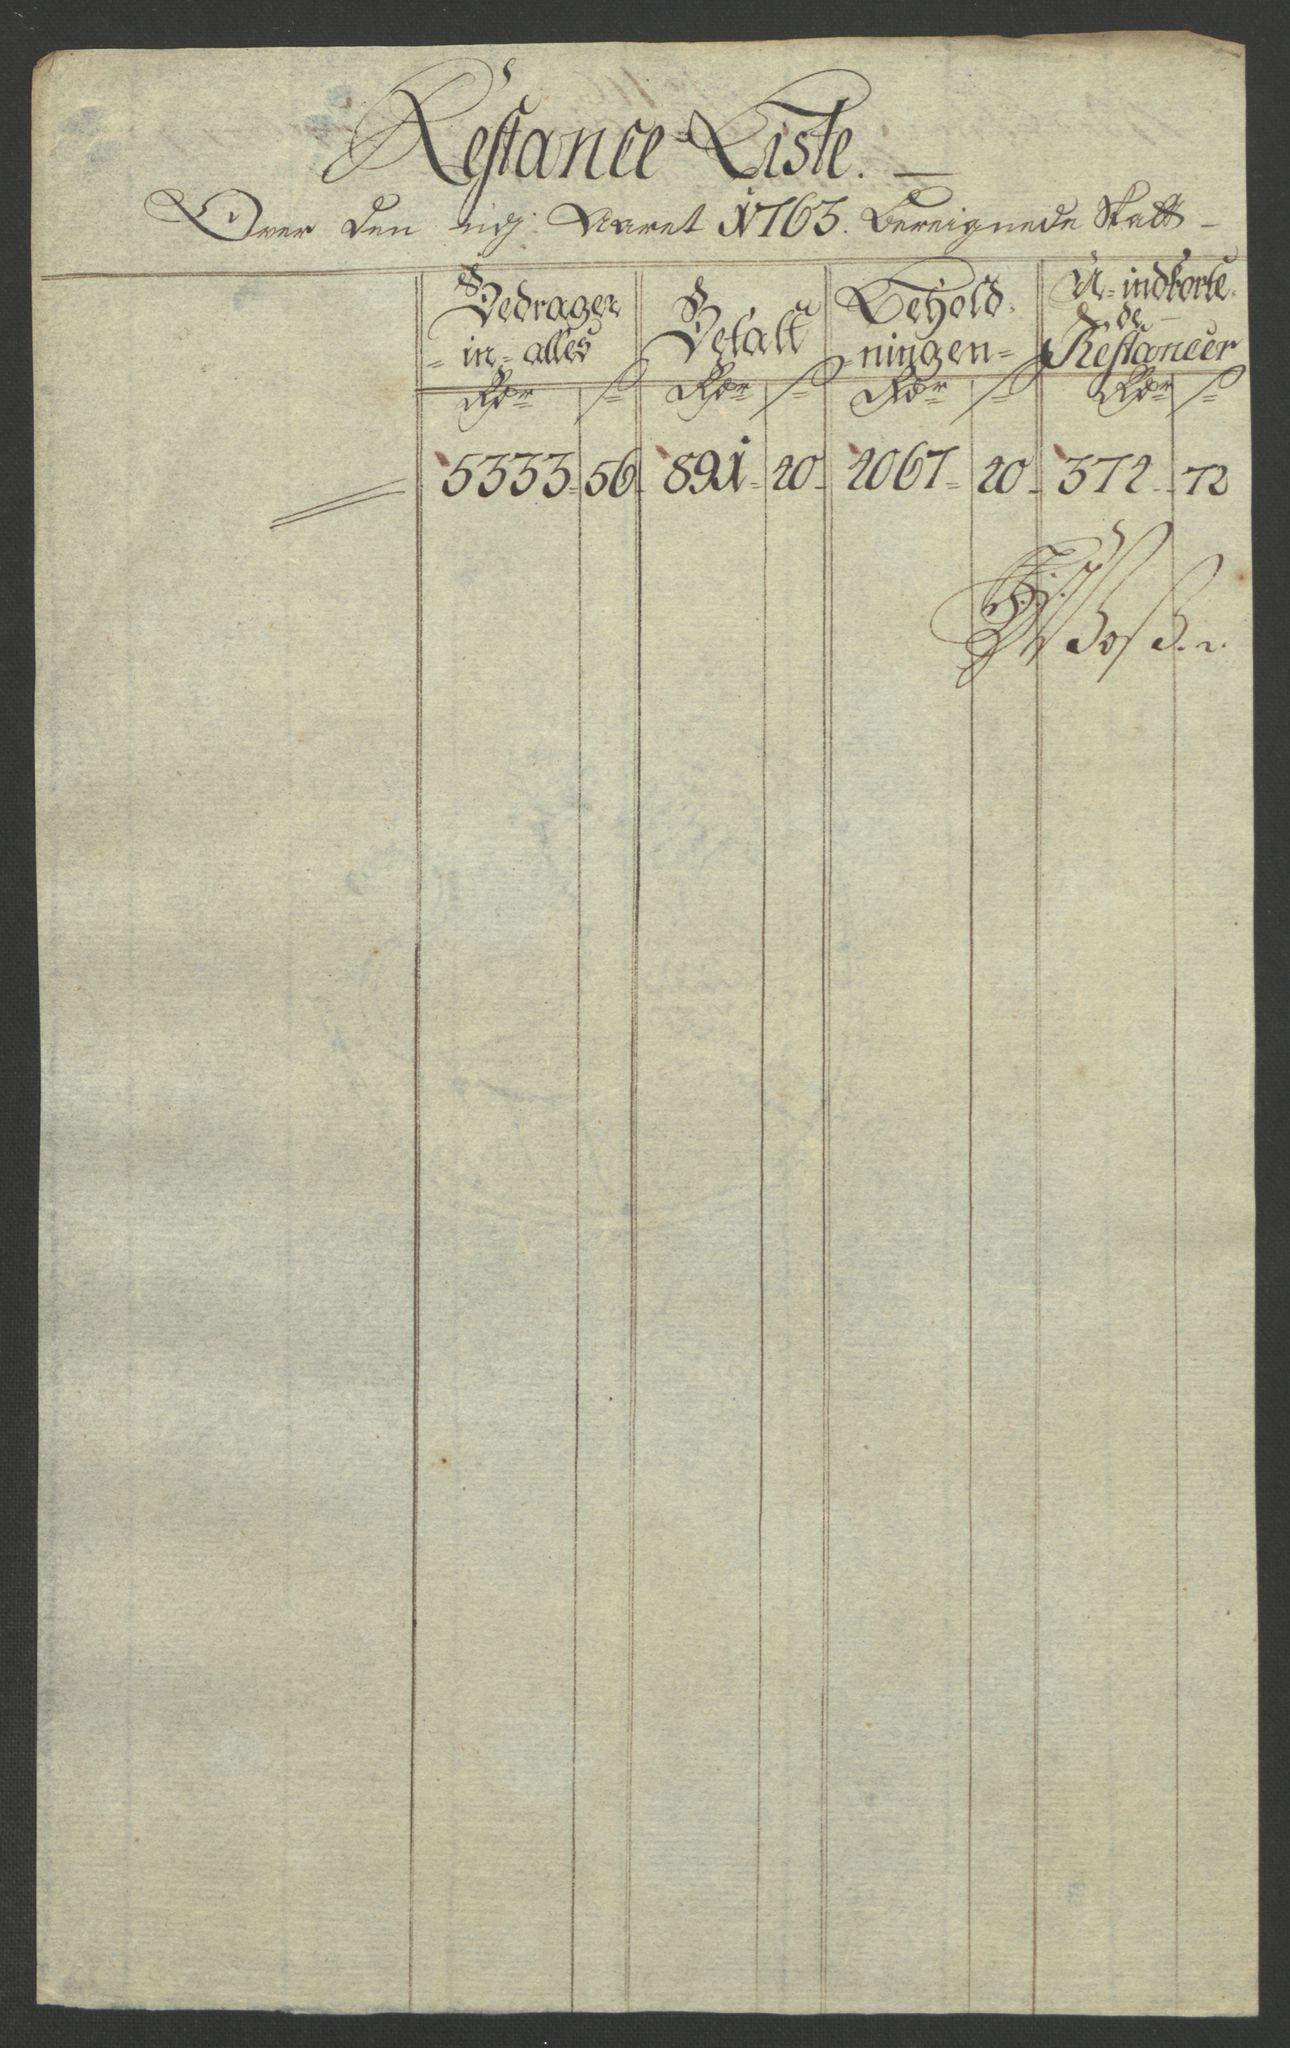 RA, Rentekammeret inntil 1814, Reviderte regnskaper, Bergverksregnskaper, R/Rc/Rca/L0843: Ekstraskatt, 1762-1765, s. 602